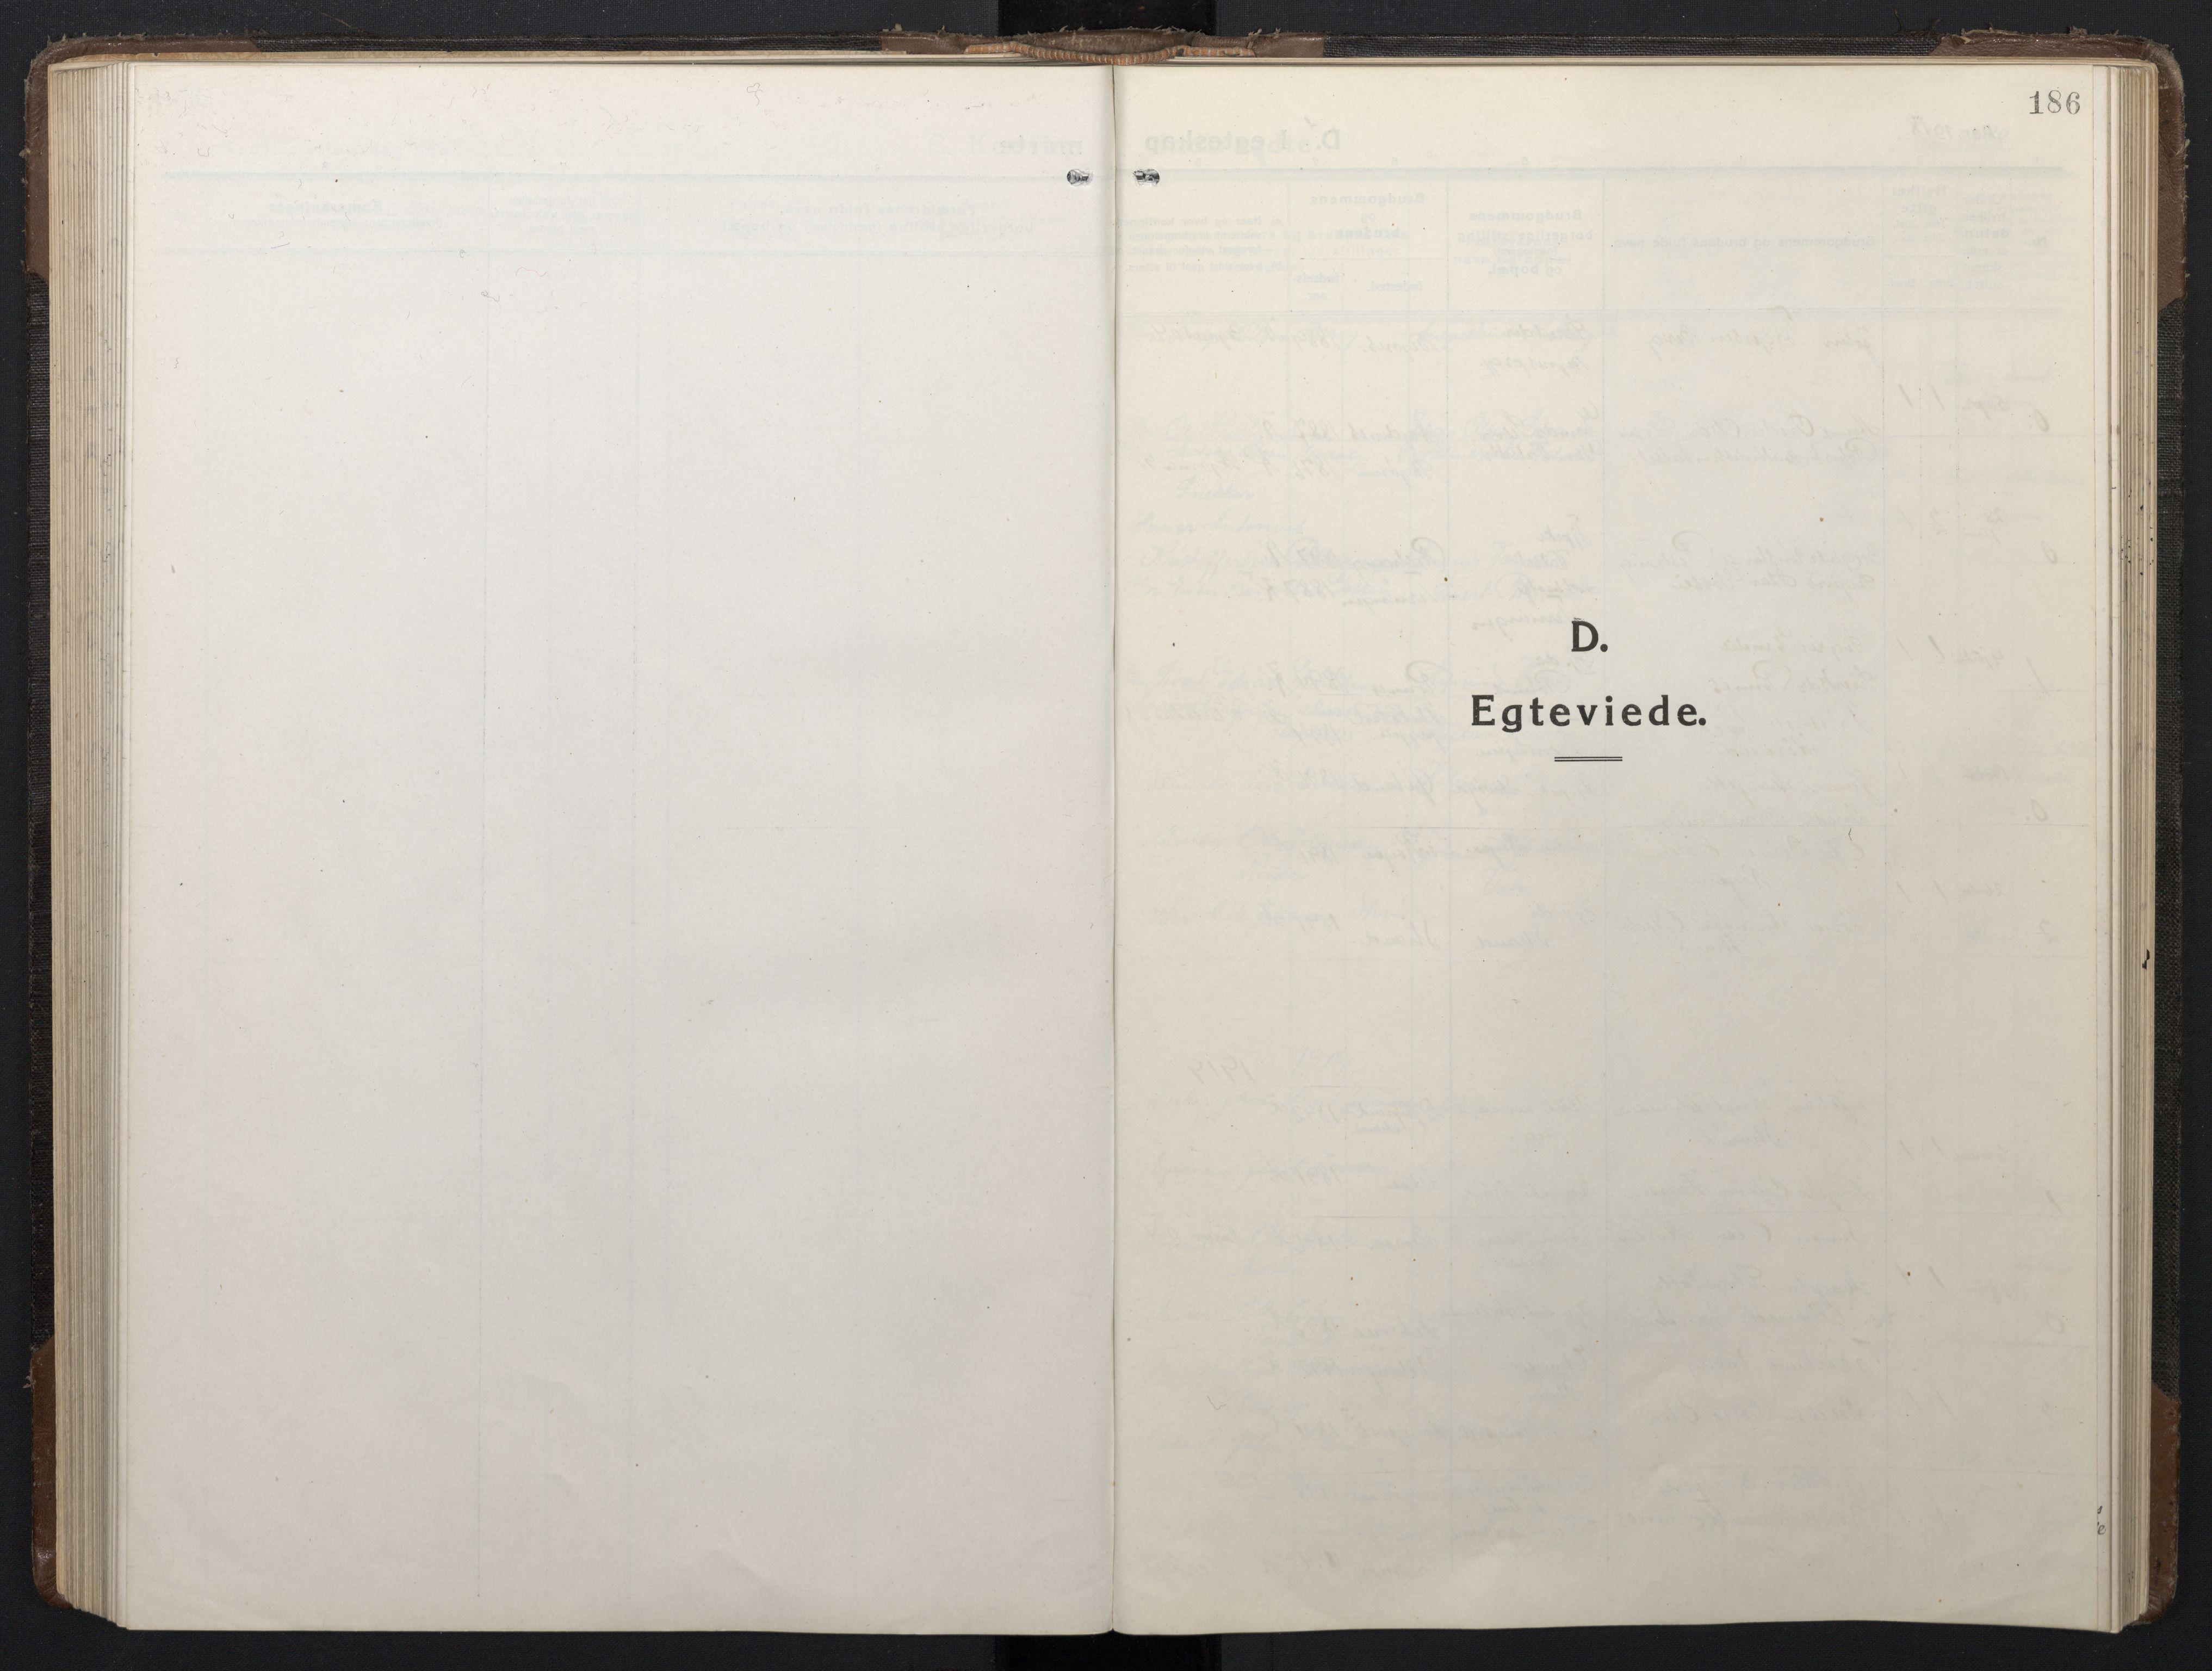 SAT, Ministerialprotokoller, klokkerbøker og fødselsregistre - Sør-Trøndelag, 662/L0758: Klokkerbok nr. 662C03, 1918-1948, s. 186